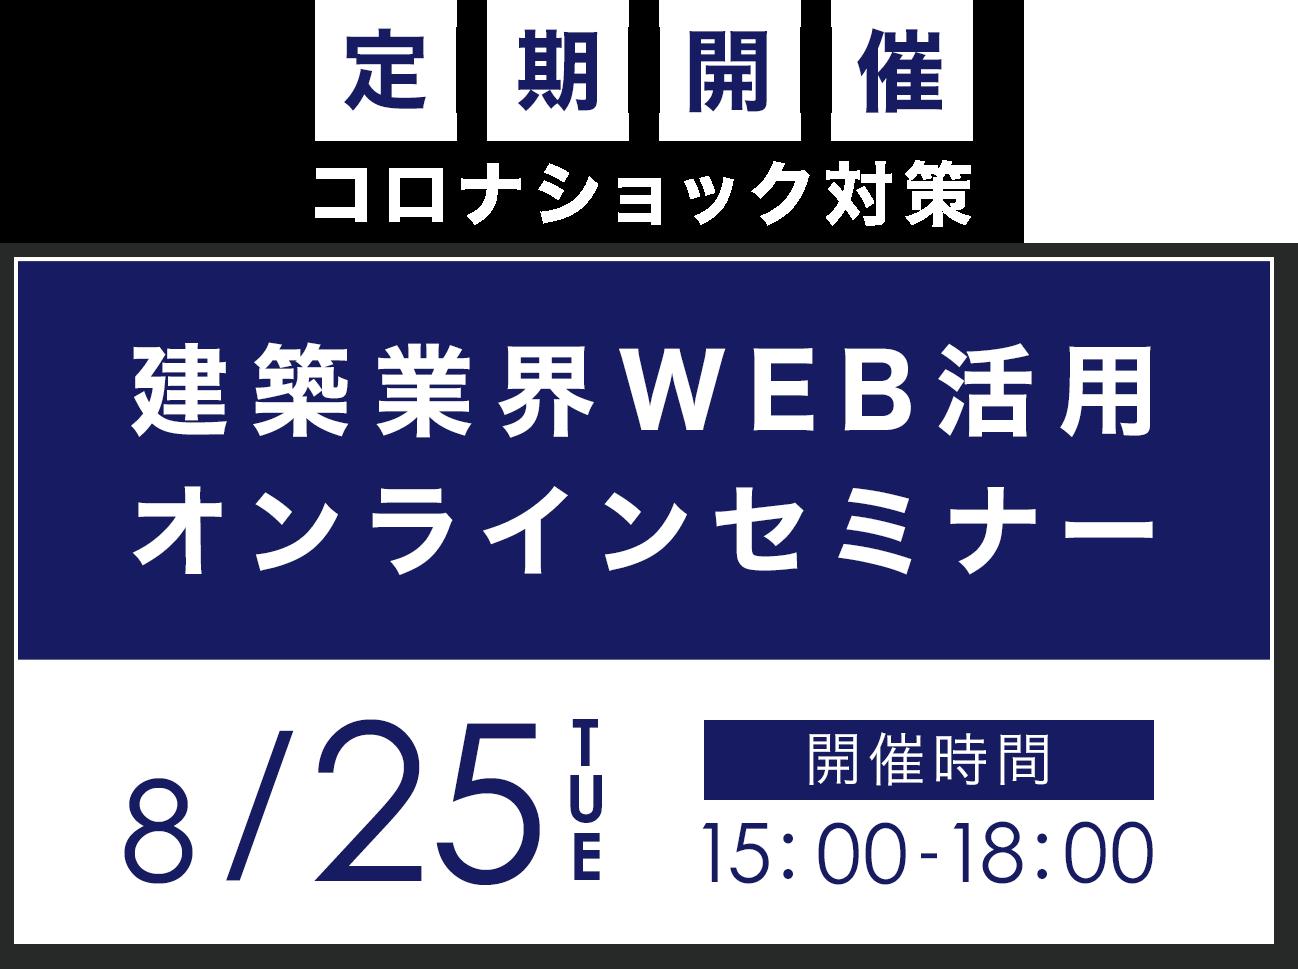 緊急開催建築業界WEB活用オンラインセミナー